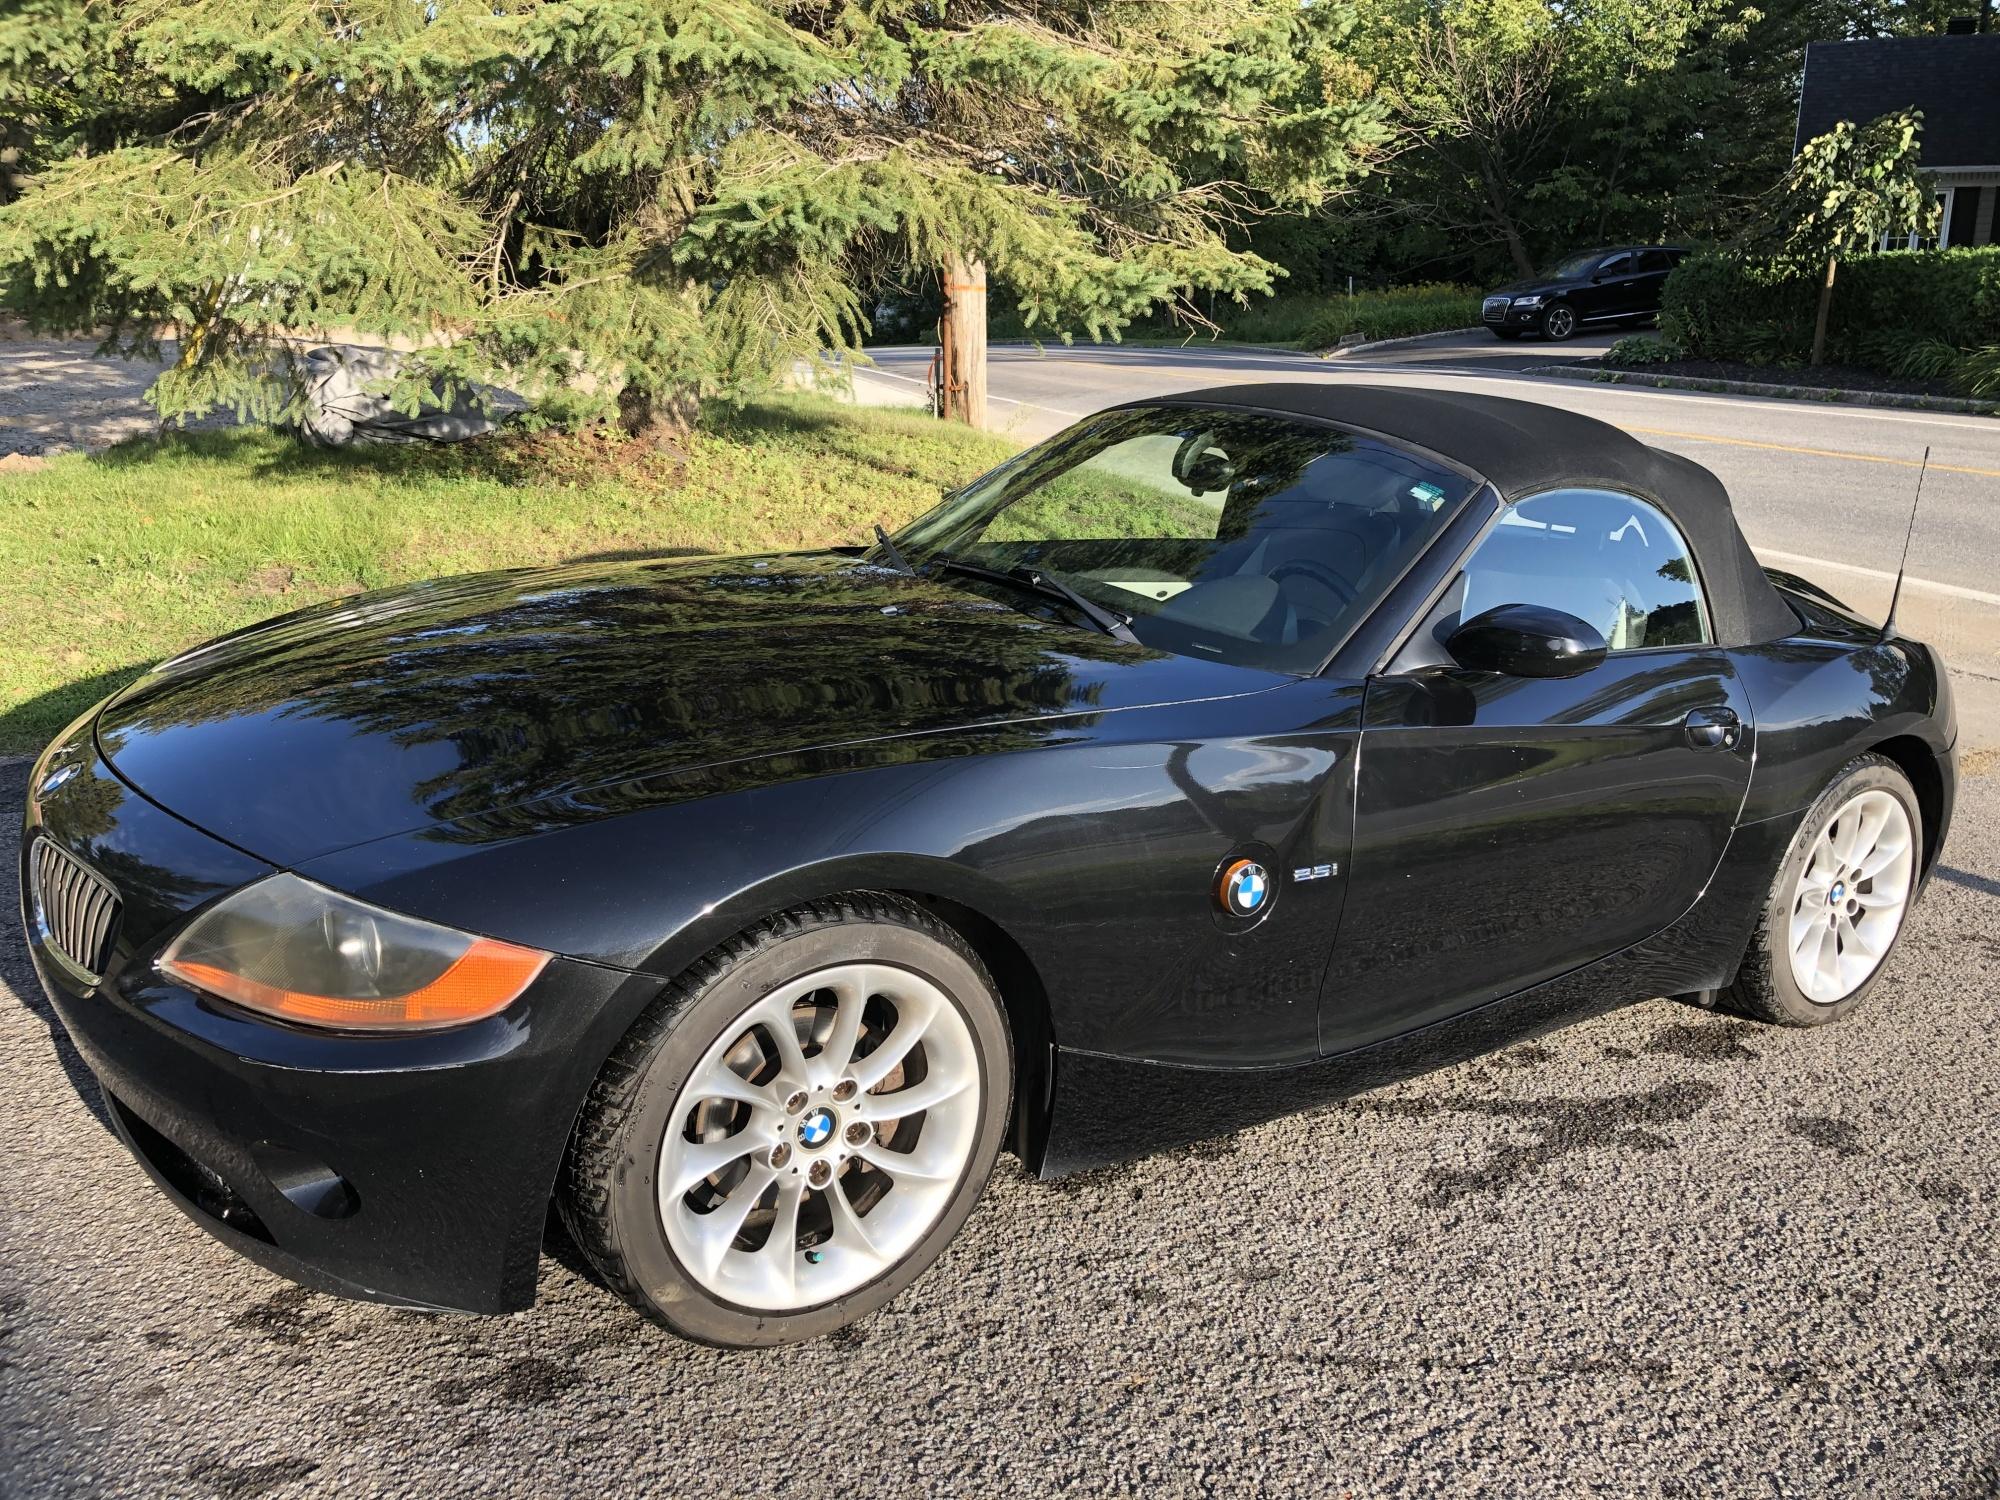 BMW Z4 - Photo 19-09-09 17 42 10